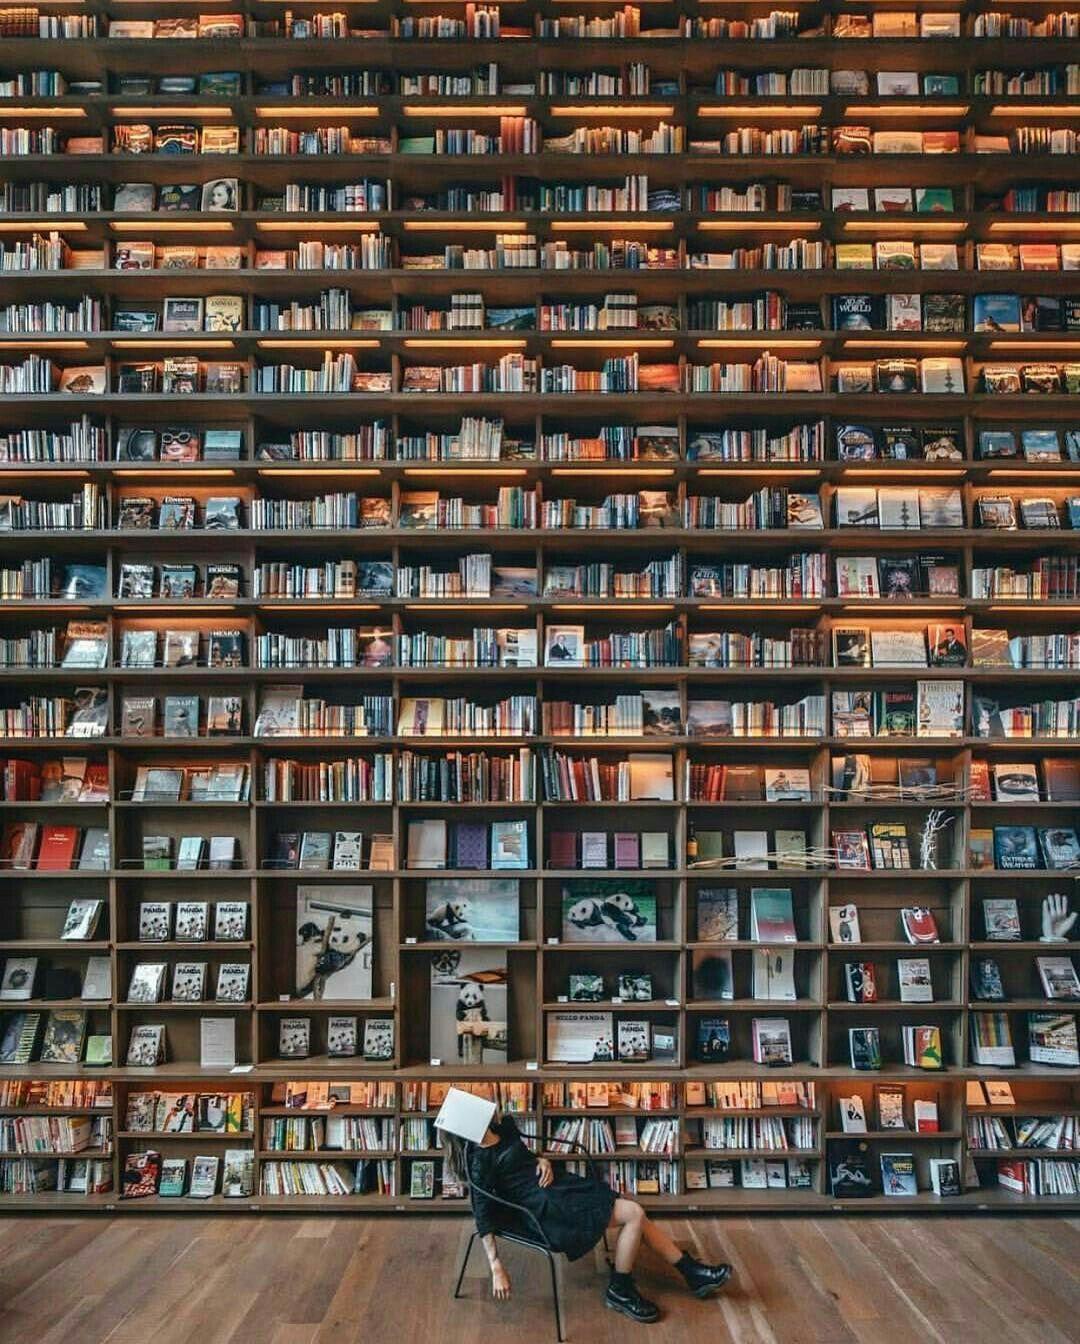 yatay yangzhou zhongshuge kütüphanesi ile ilgili görsel sonucu